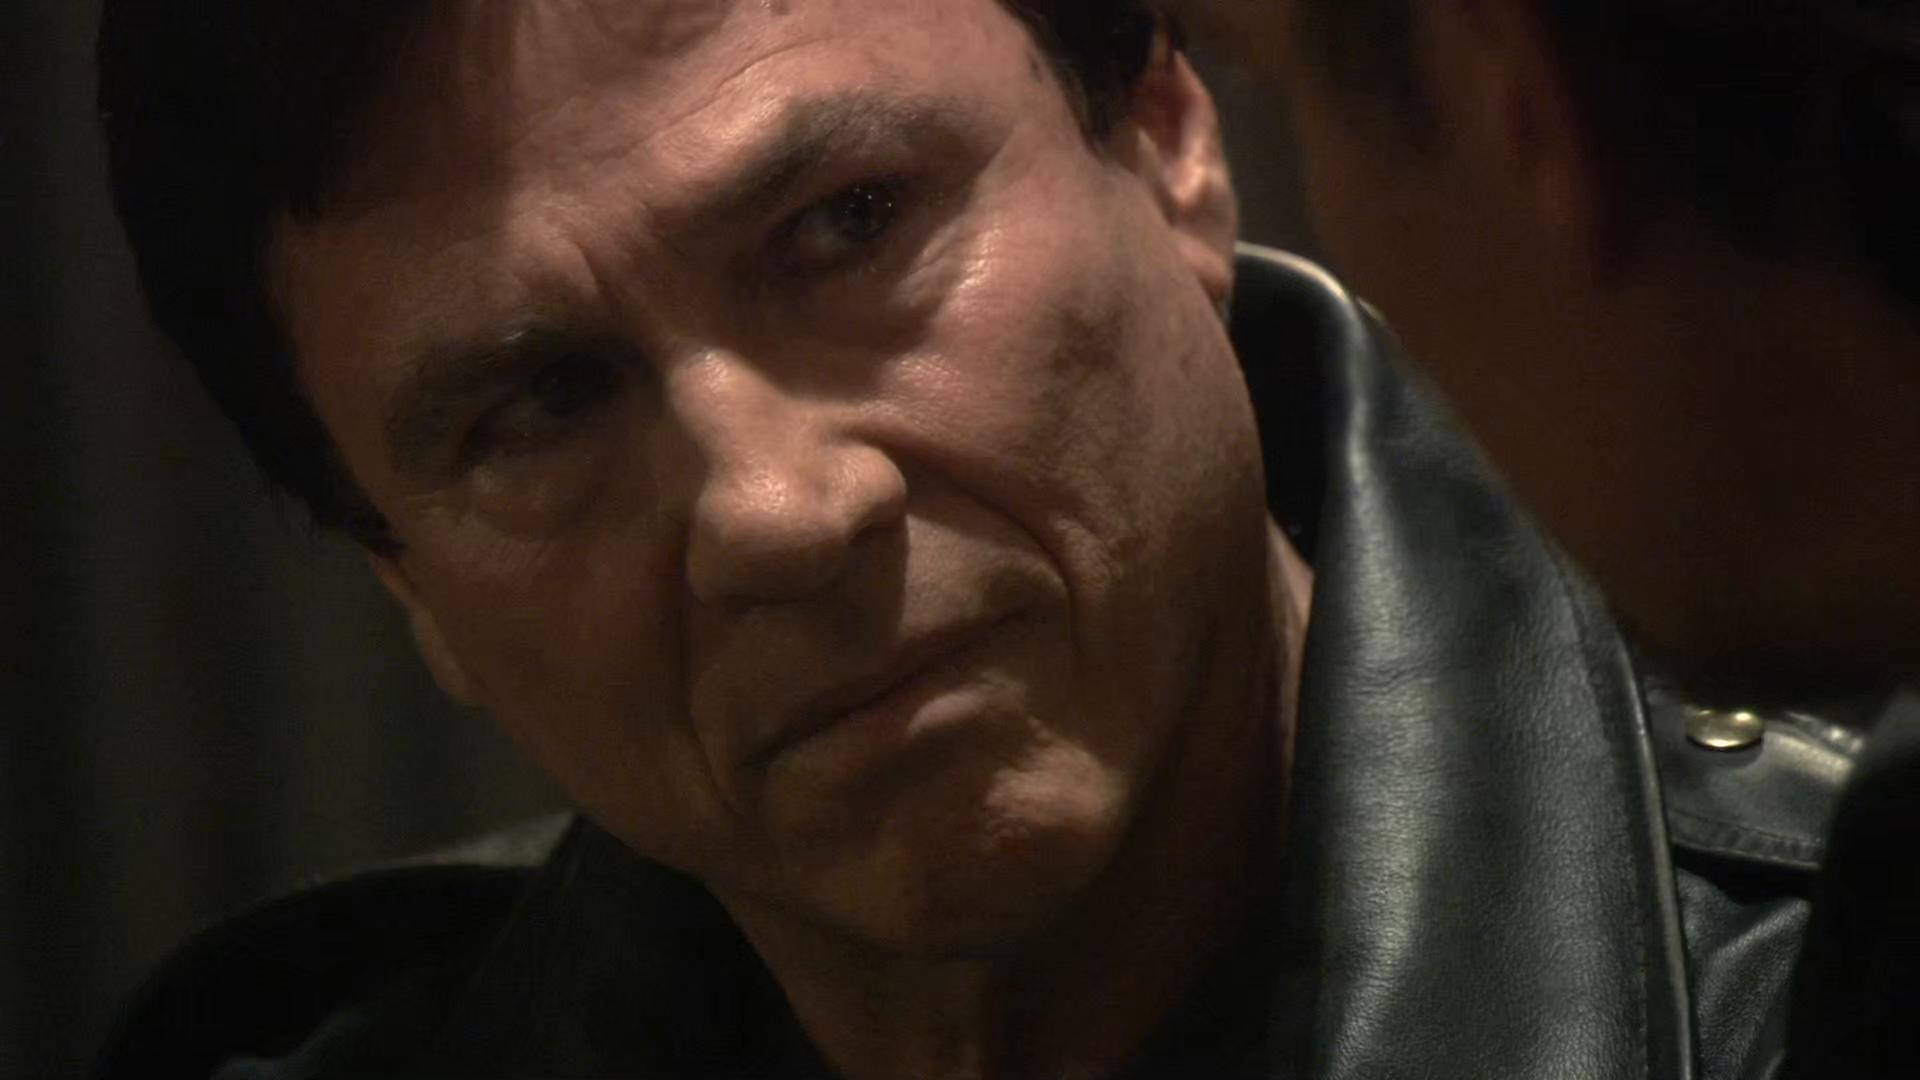 Battlestar.Galactica.2005.S02E06.Home.Part.1.BluRay.1080p.Dts.HEVC-d3g.mkv_snapshot_26.49.000.jpg